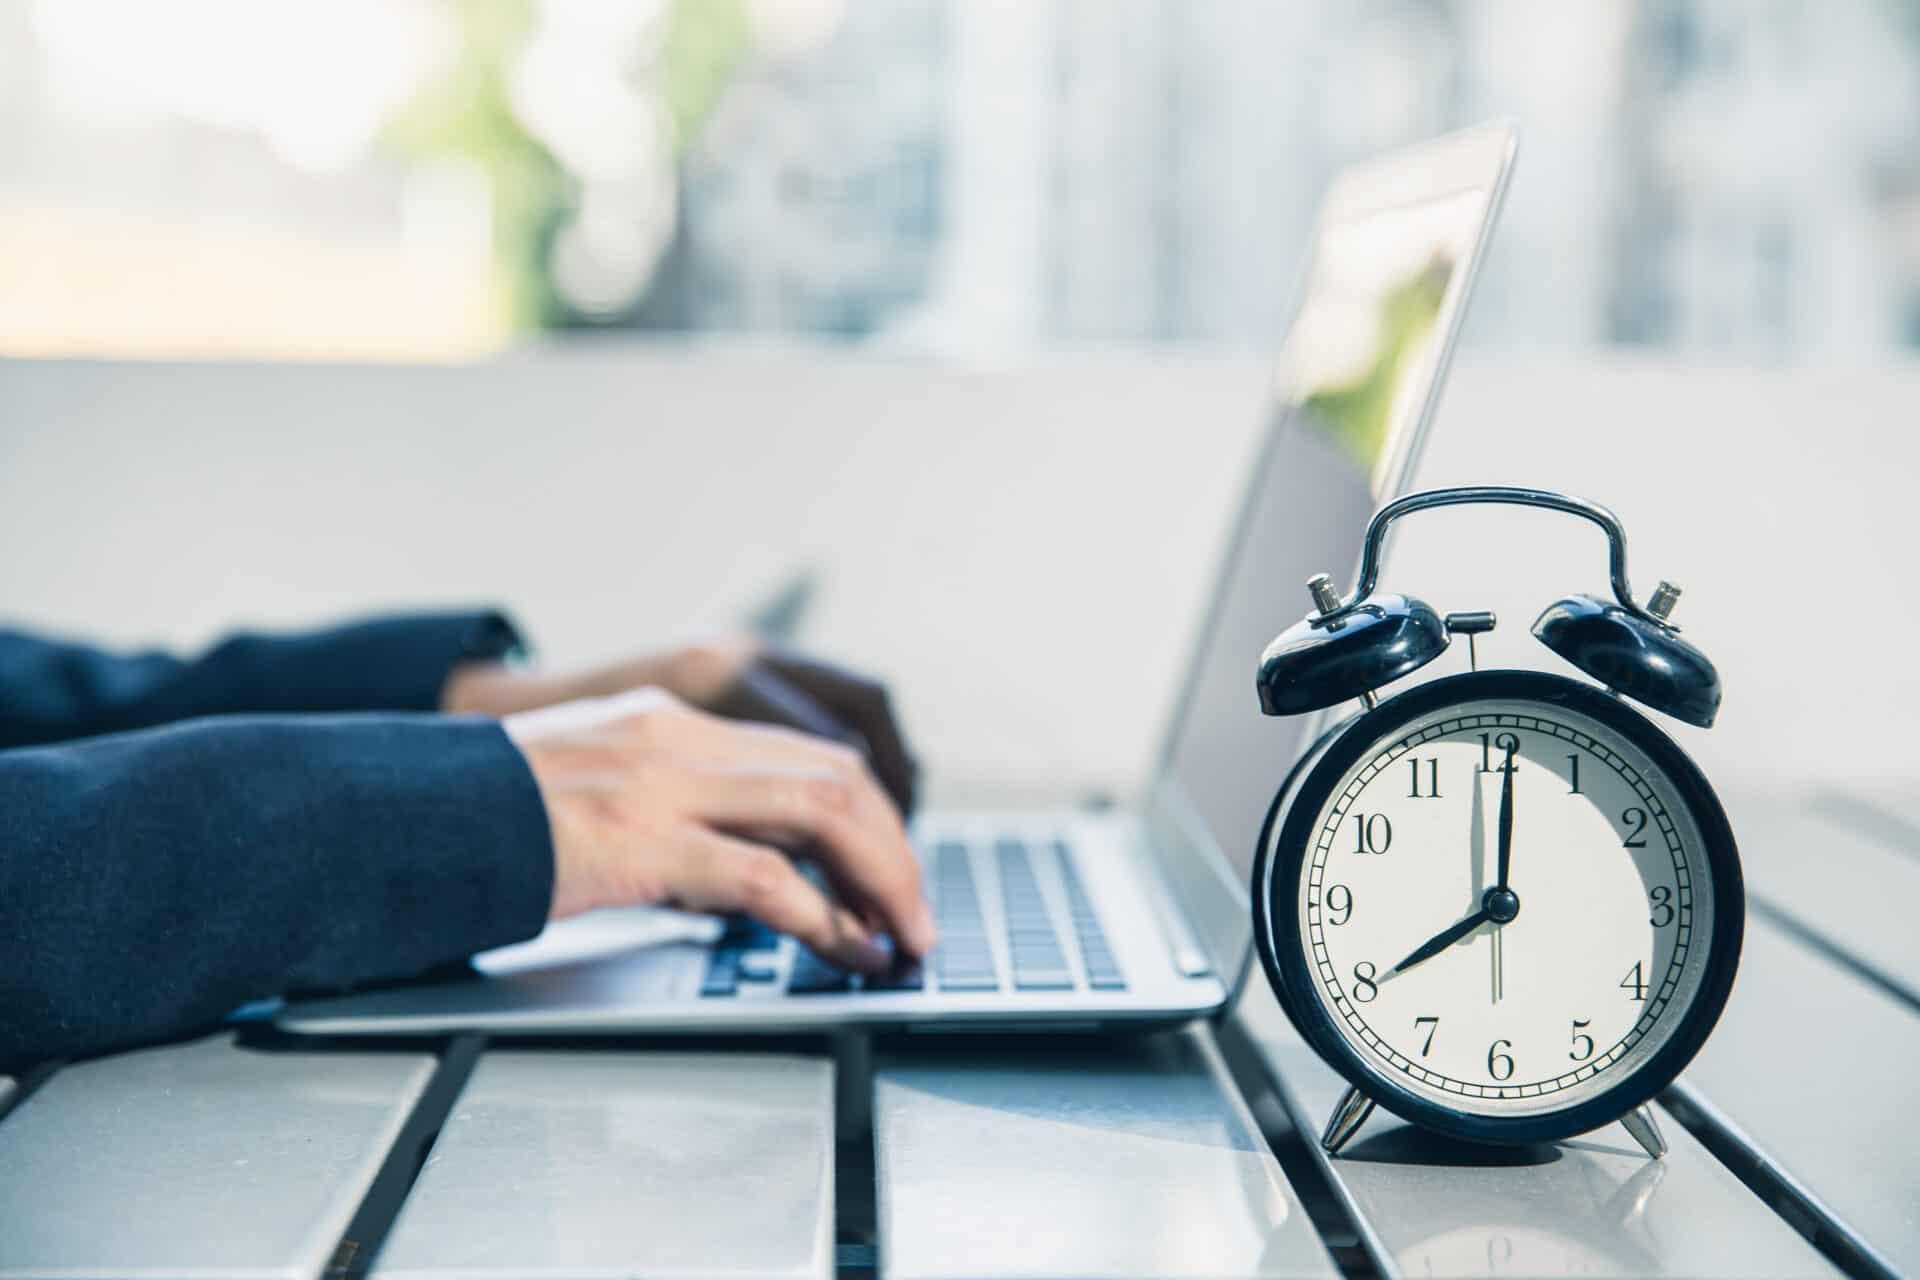 Die Tic-Toc-Methode hilt beim besseren Zeitmanagement